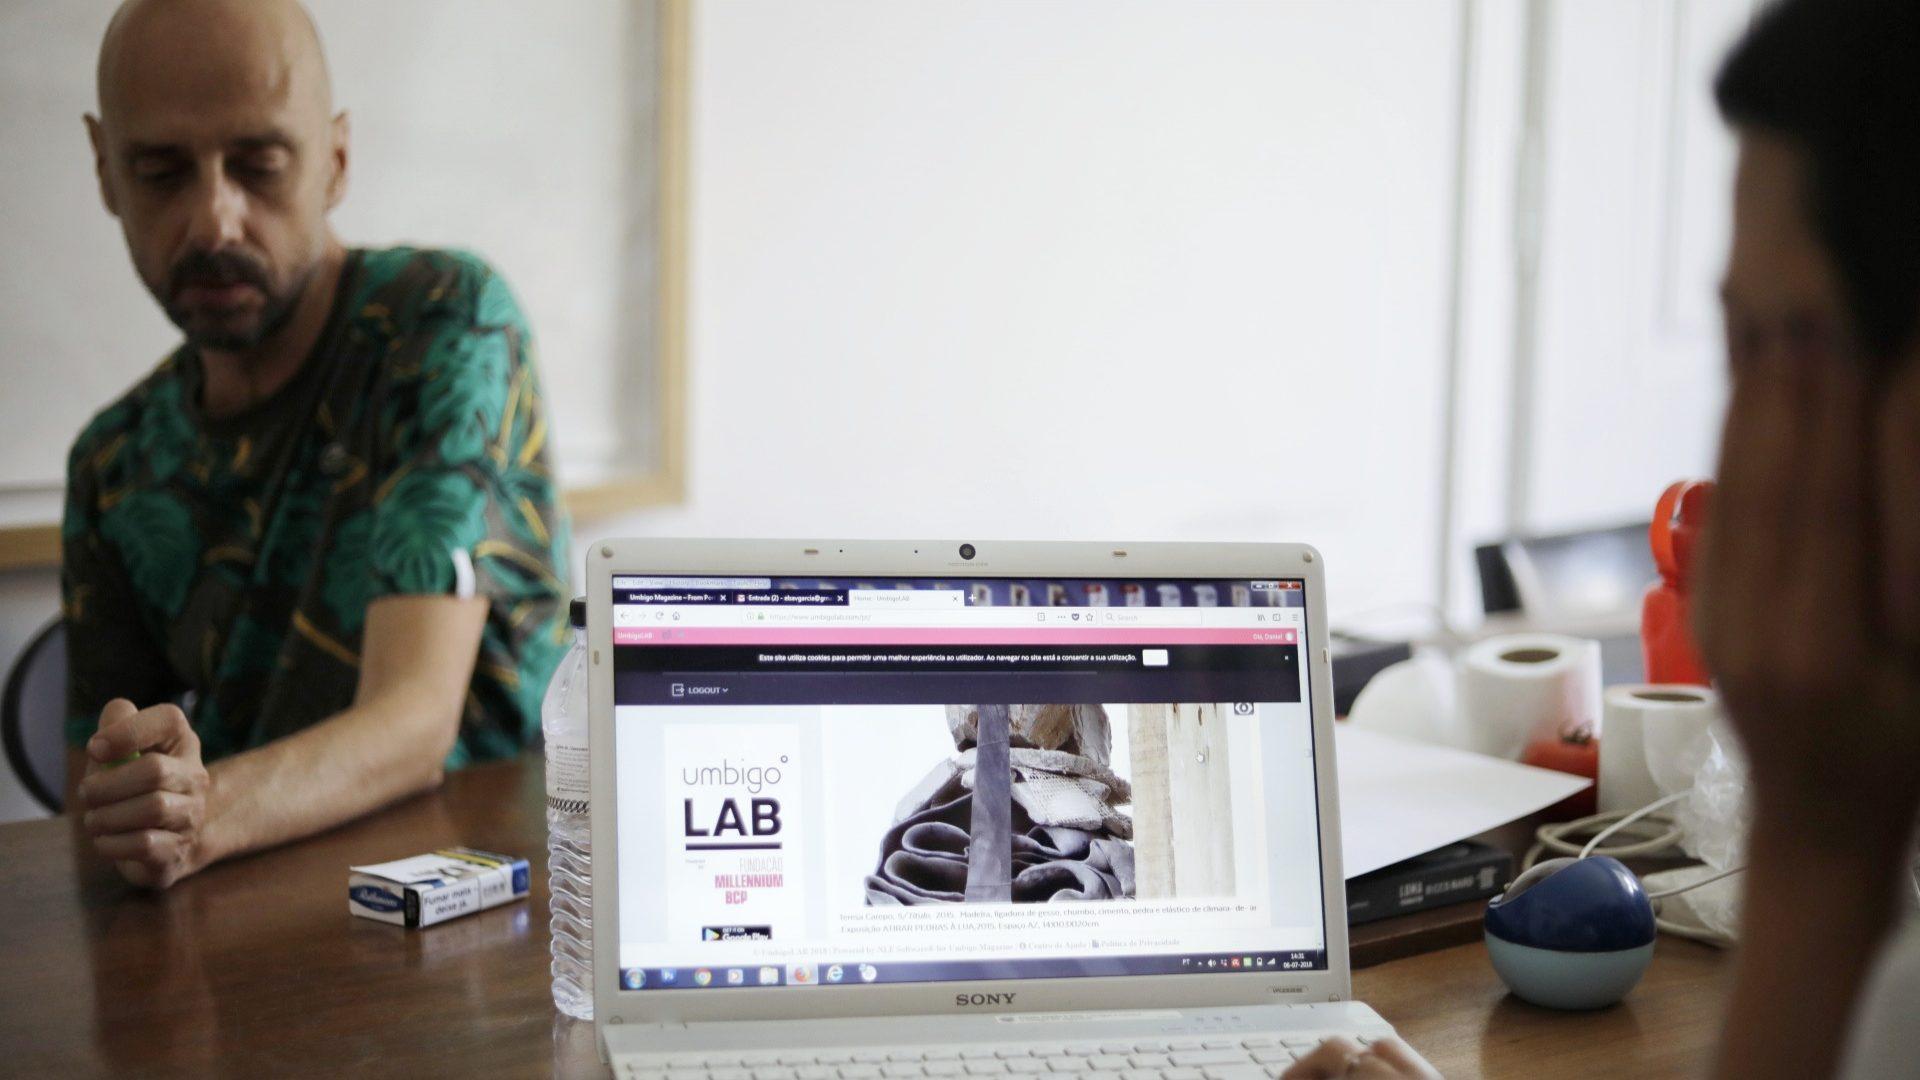 Há uma rede social de artistas portuguesa e saiu da revista Umbigo